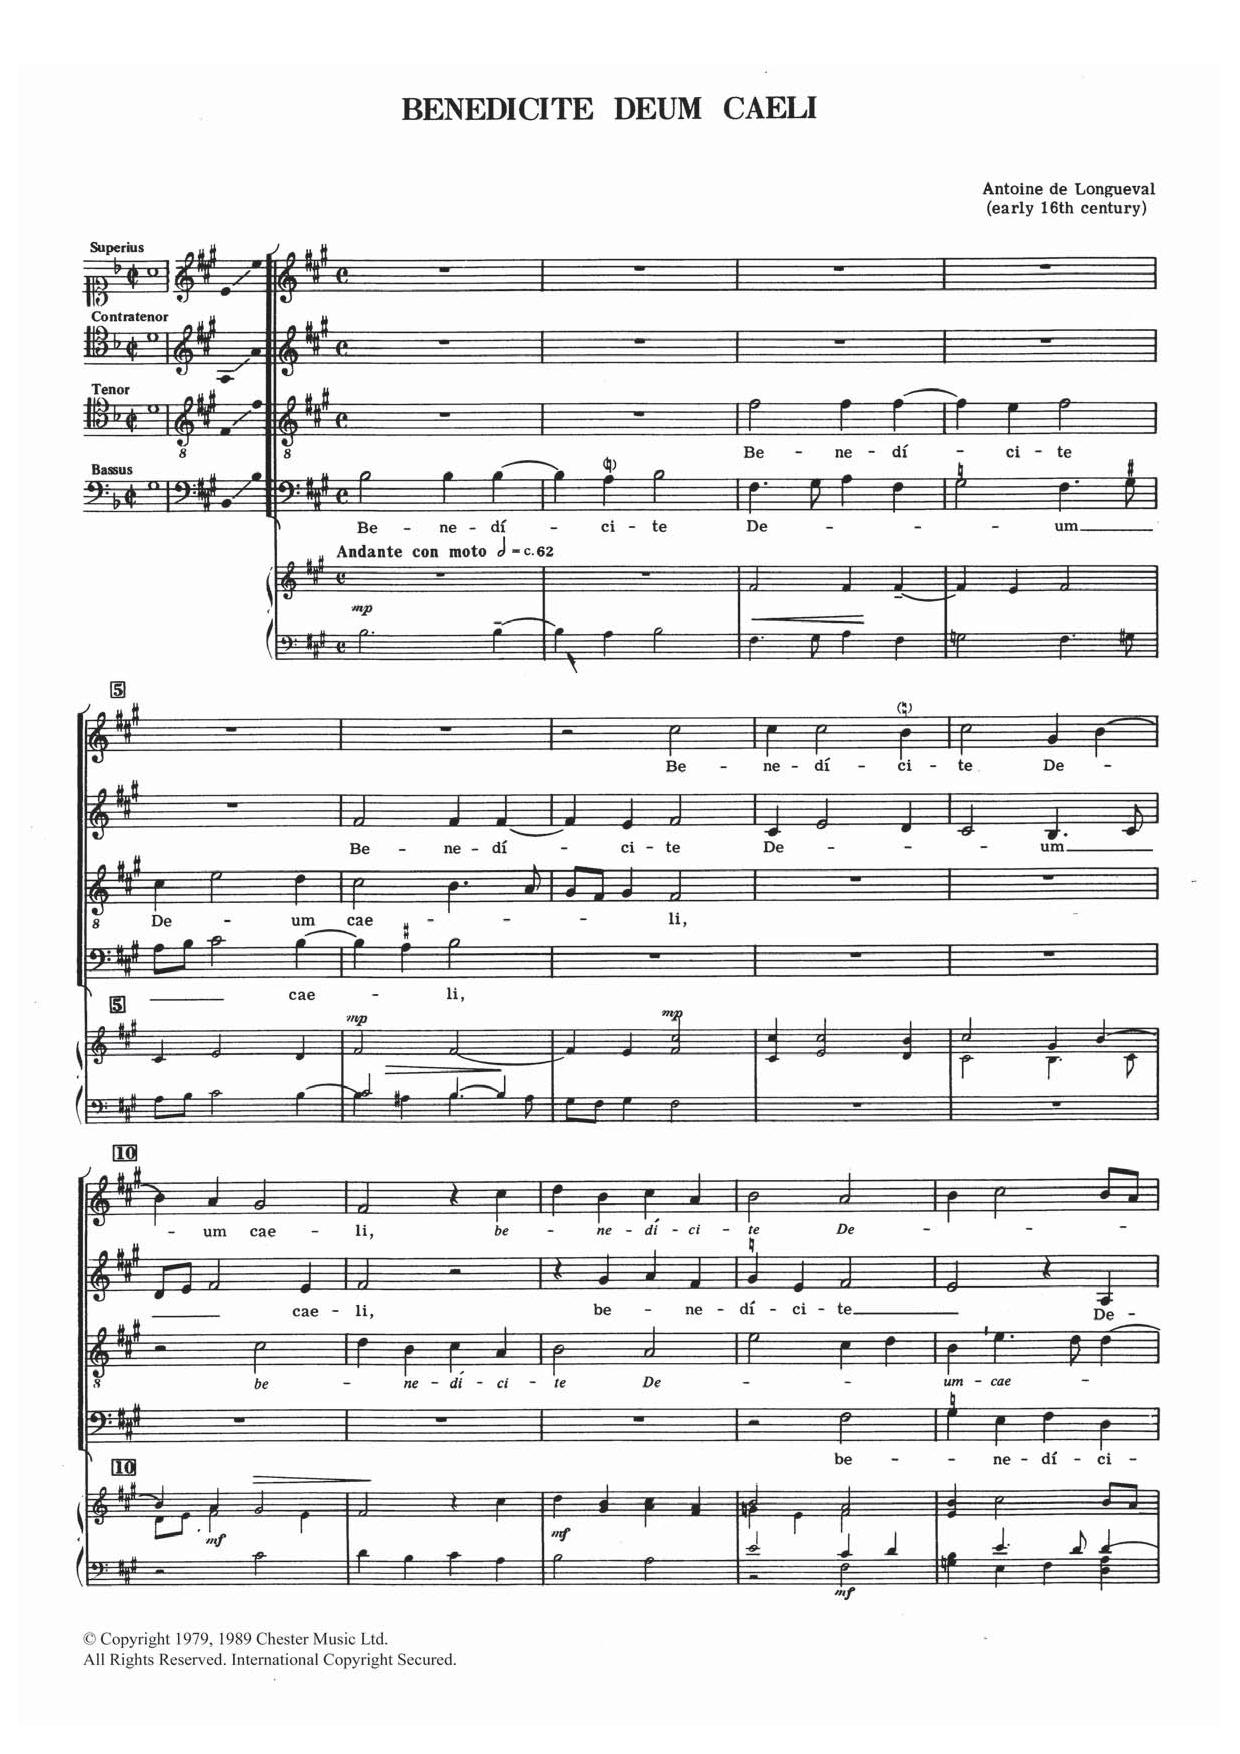 Benedicte Deum Caeli Sheet Music